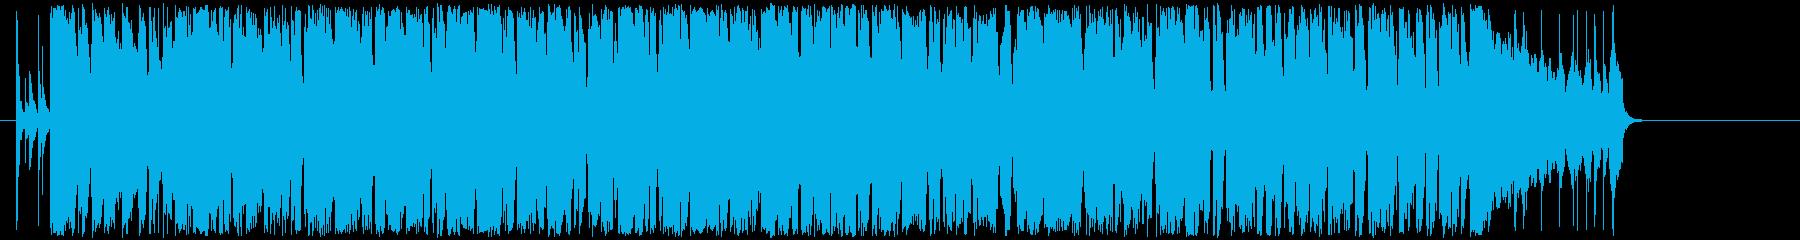 ほのぼのとしたアコースティックポップの再生済みの波形